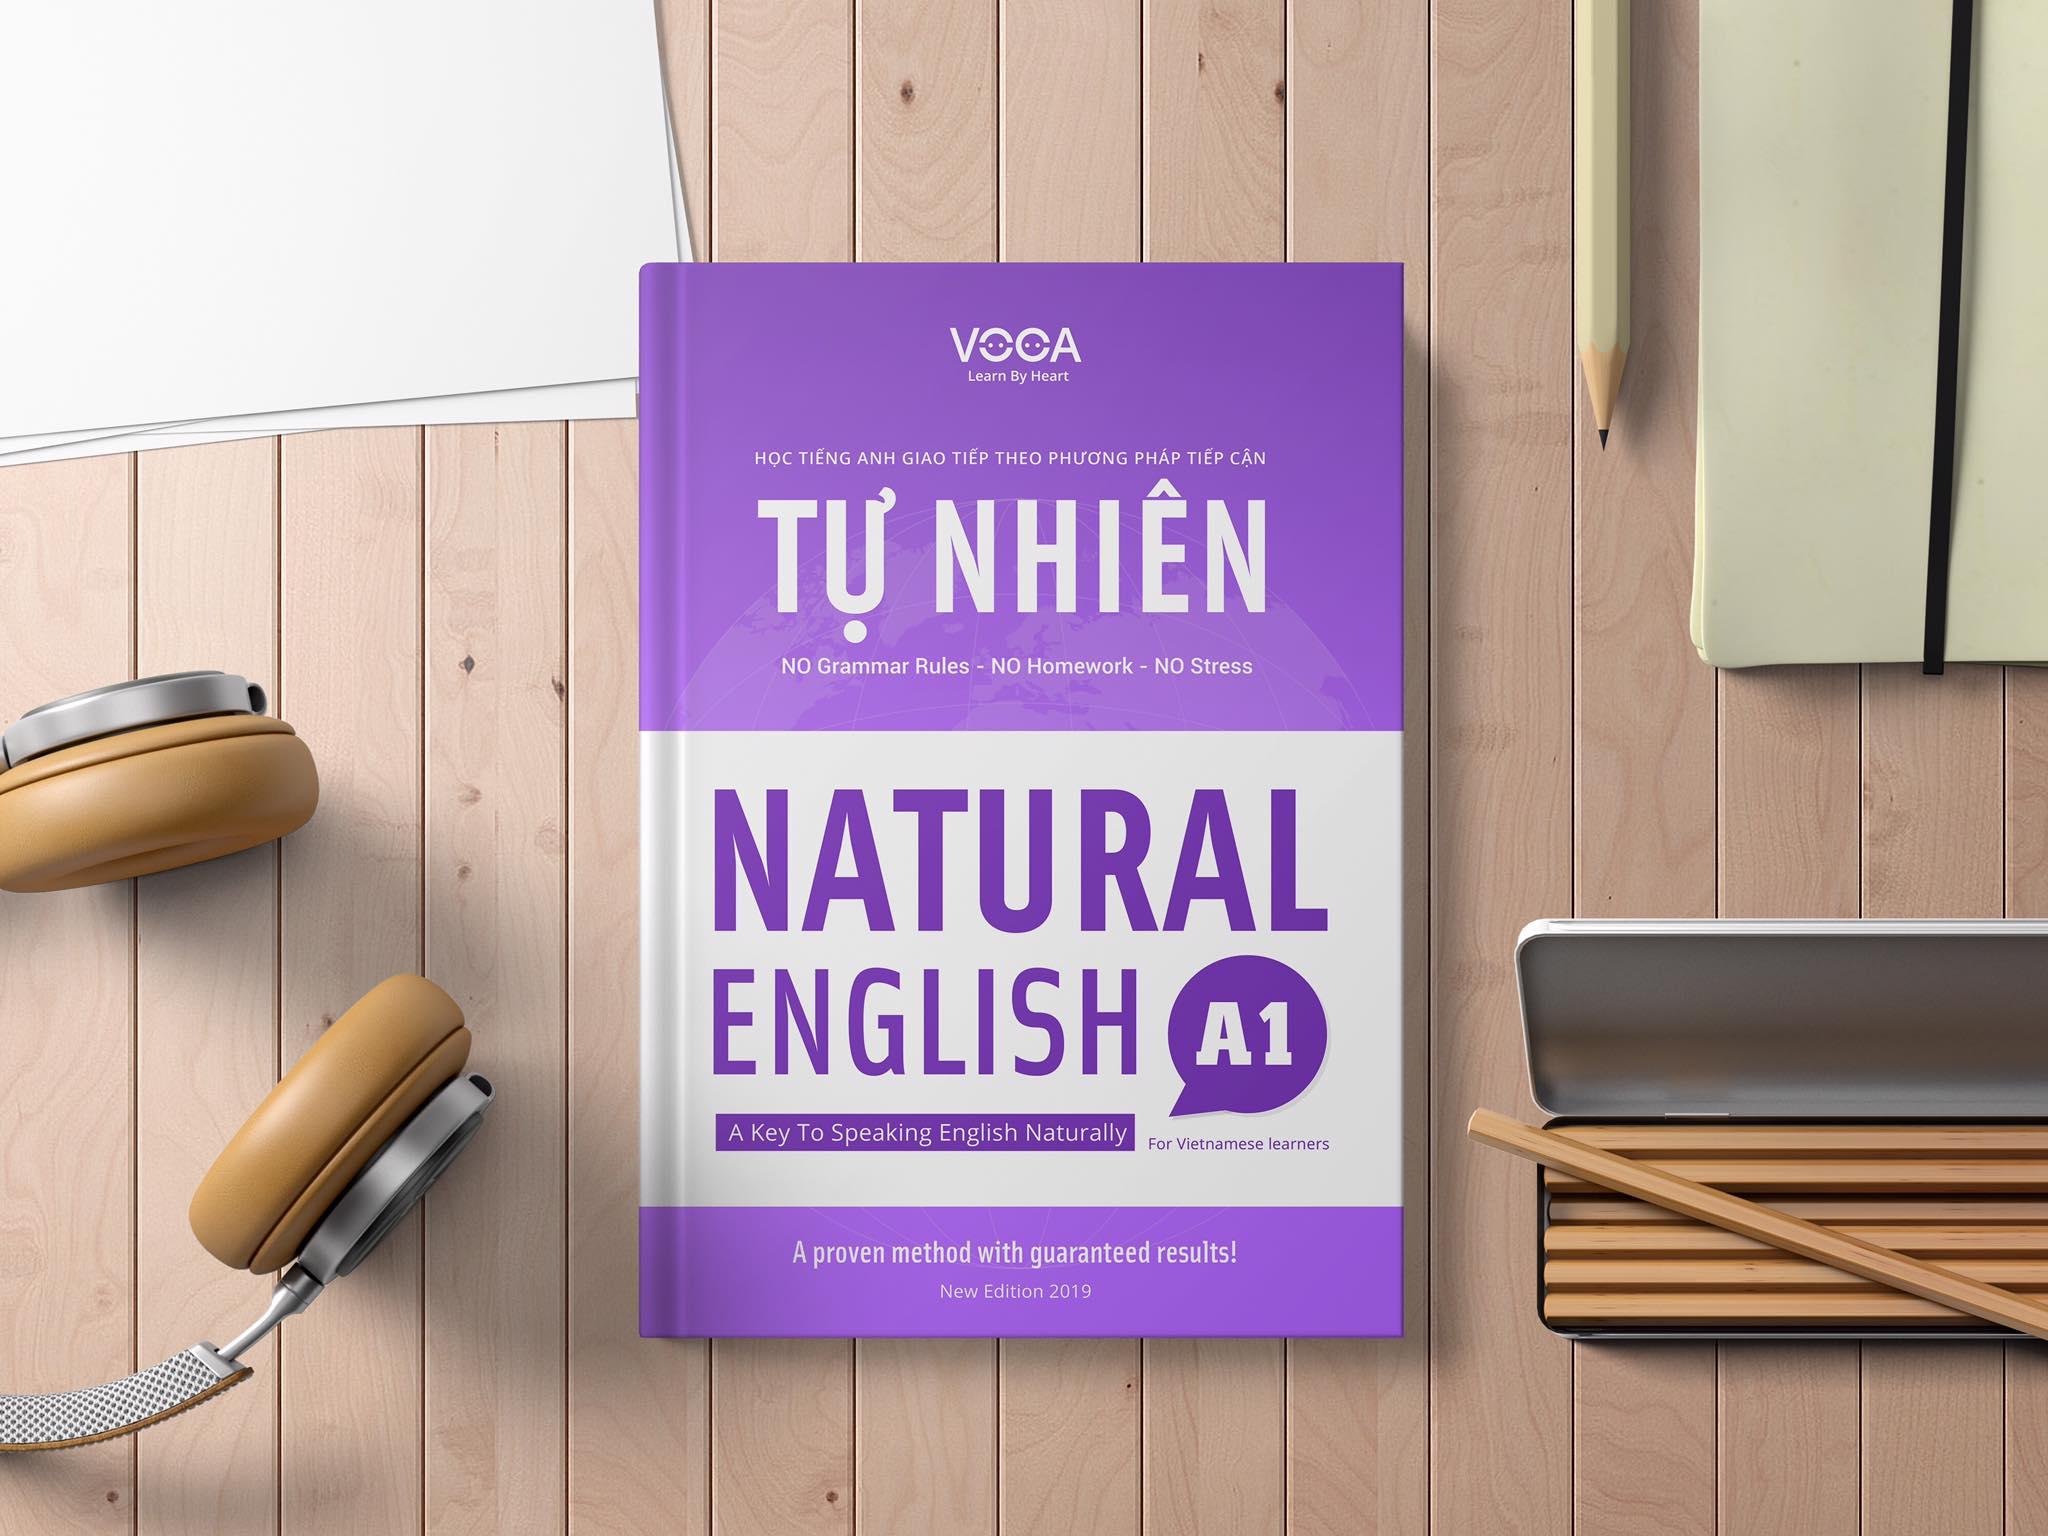 Hướng dẫn học tiếng Anh giao tiếp với Natural English